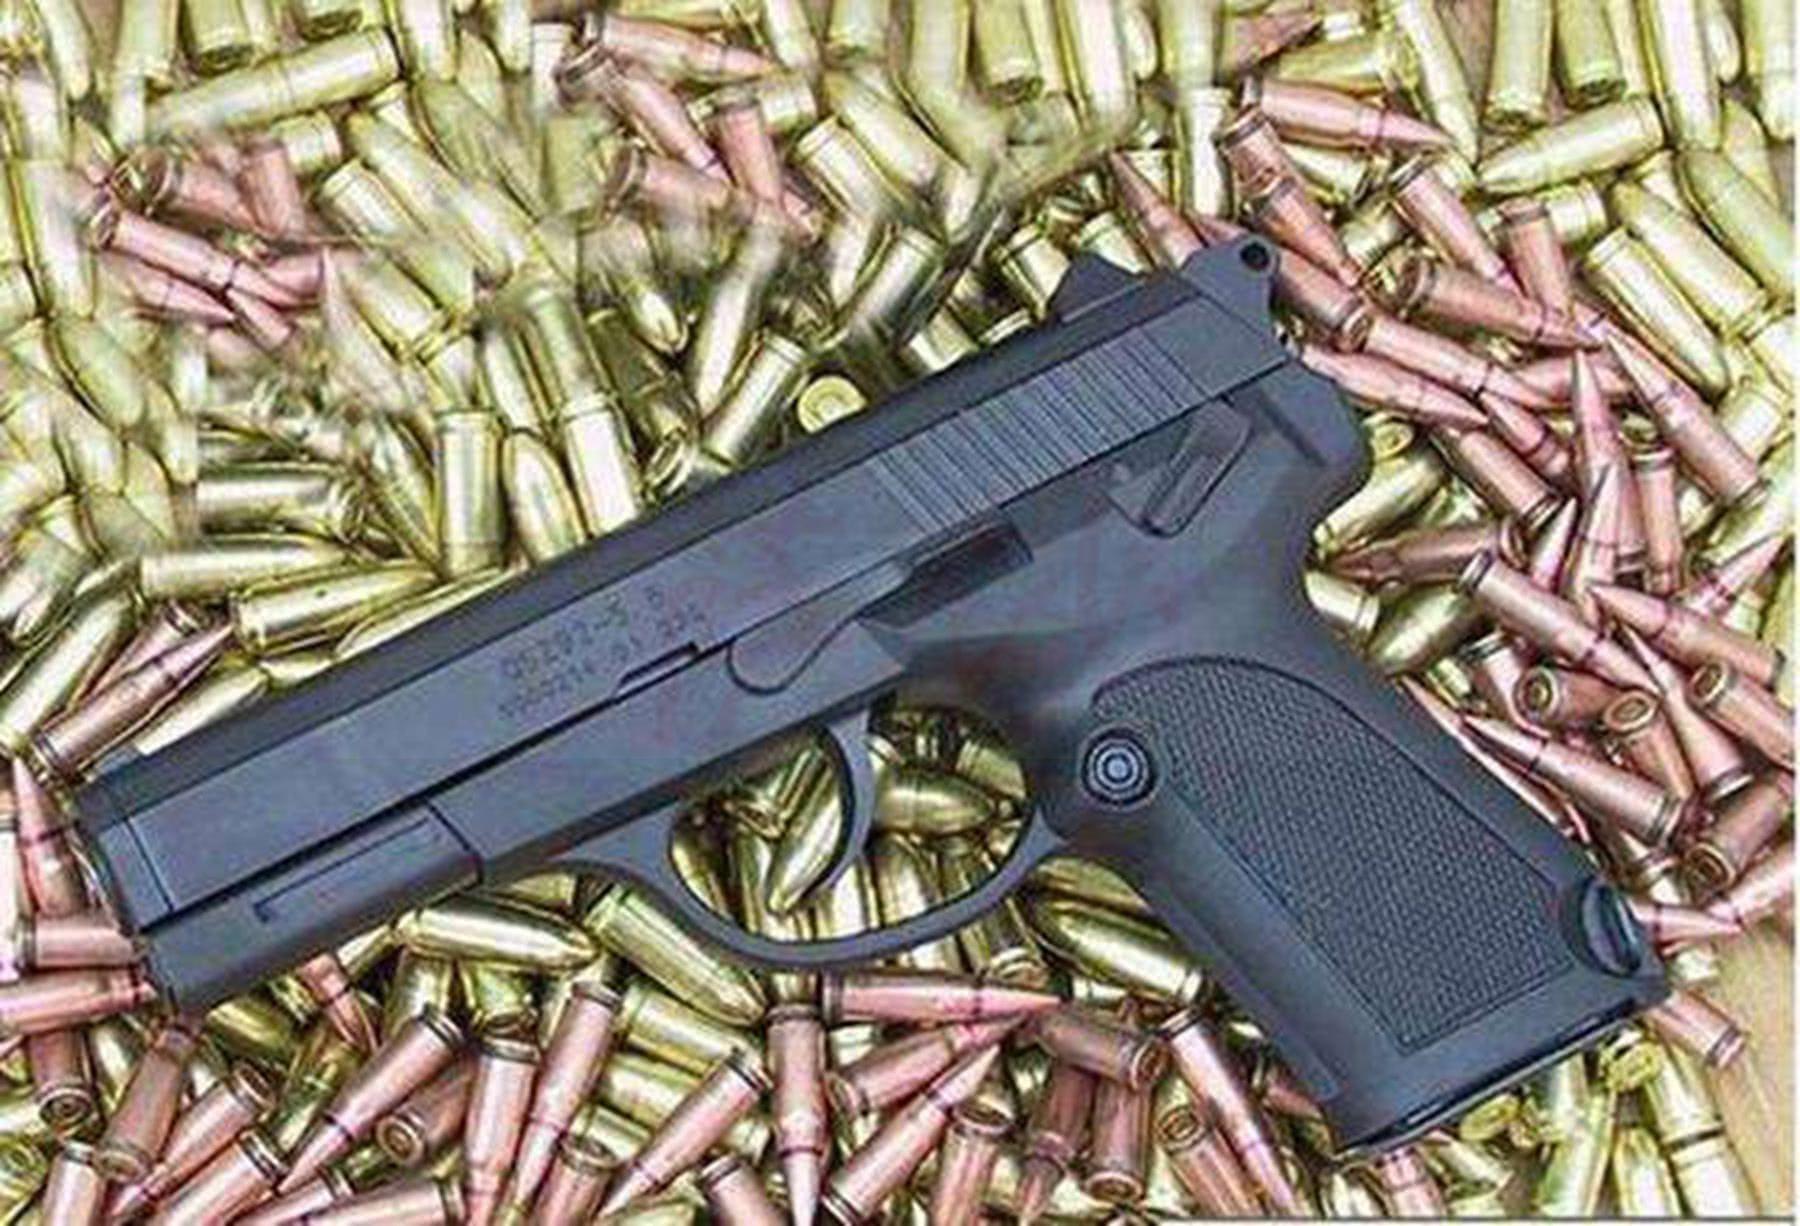 92手枪 设计和生产互相吐槽 92式手枪究竟是好是烂?